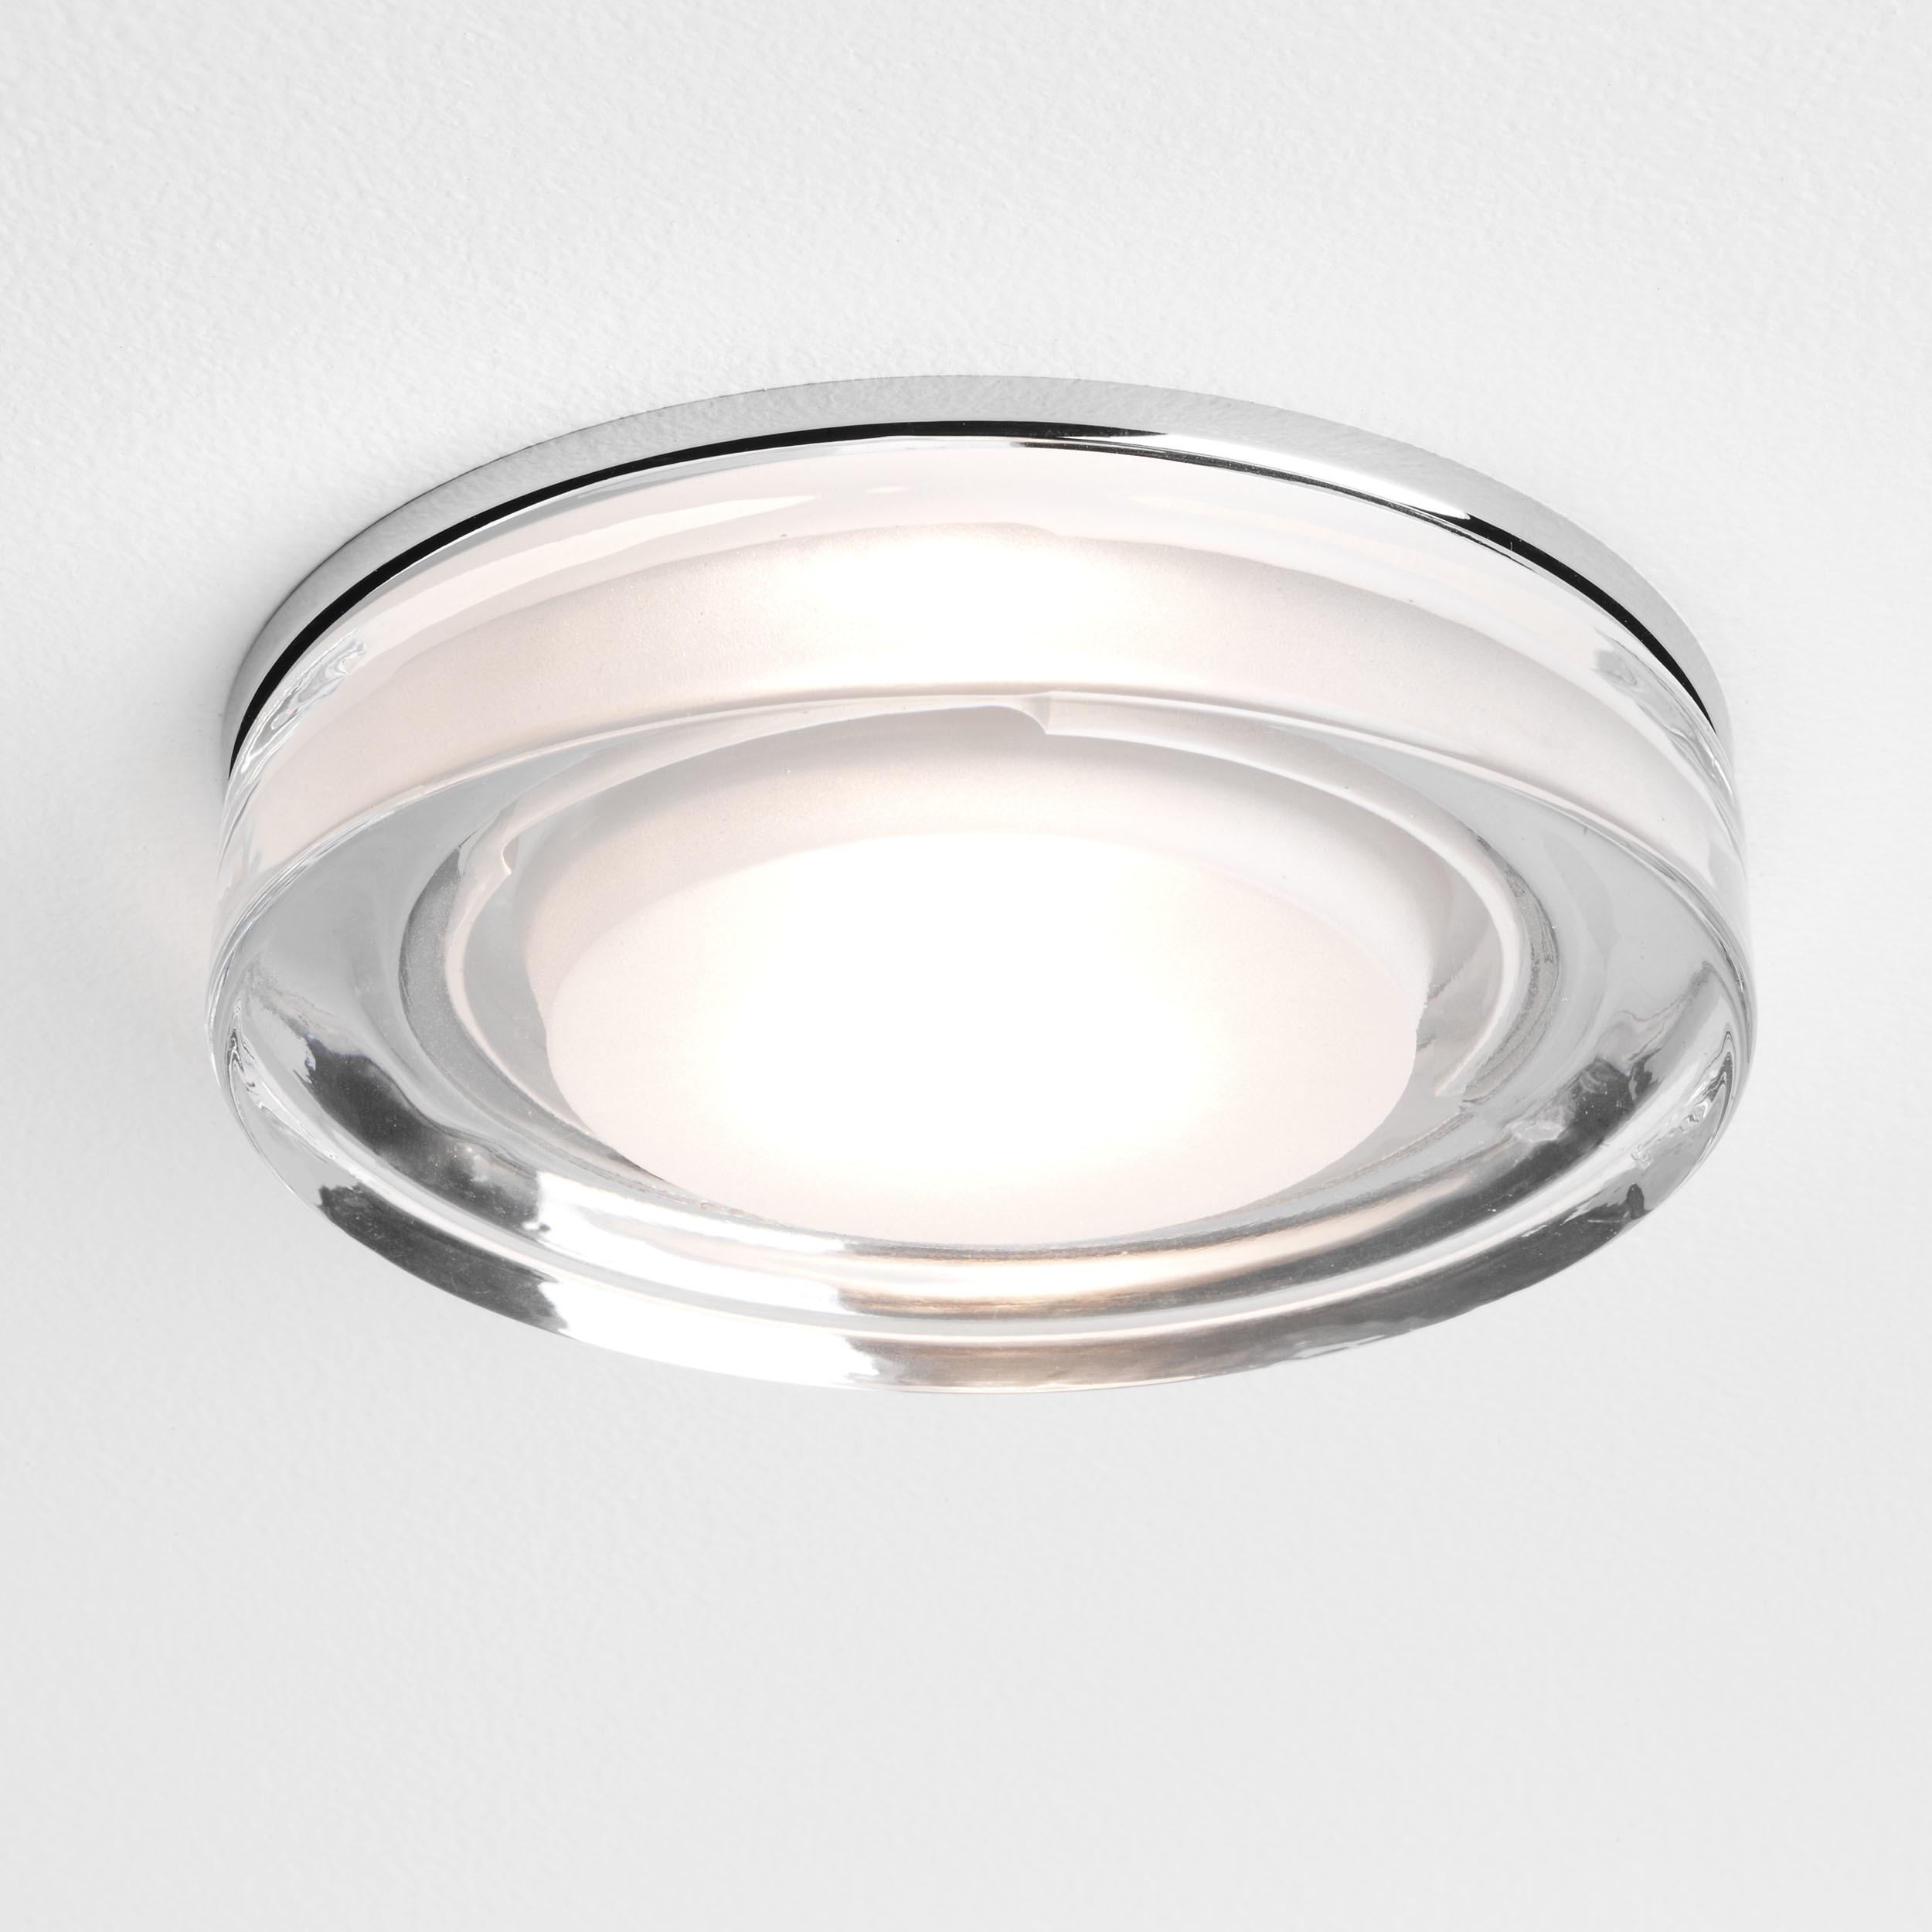 Встраиваемый светильник Astro Vancouver 1229003 (5518), IP65, 1xGU10x50W, прозрачный, стекло - фото 1